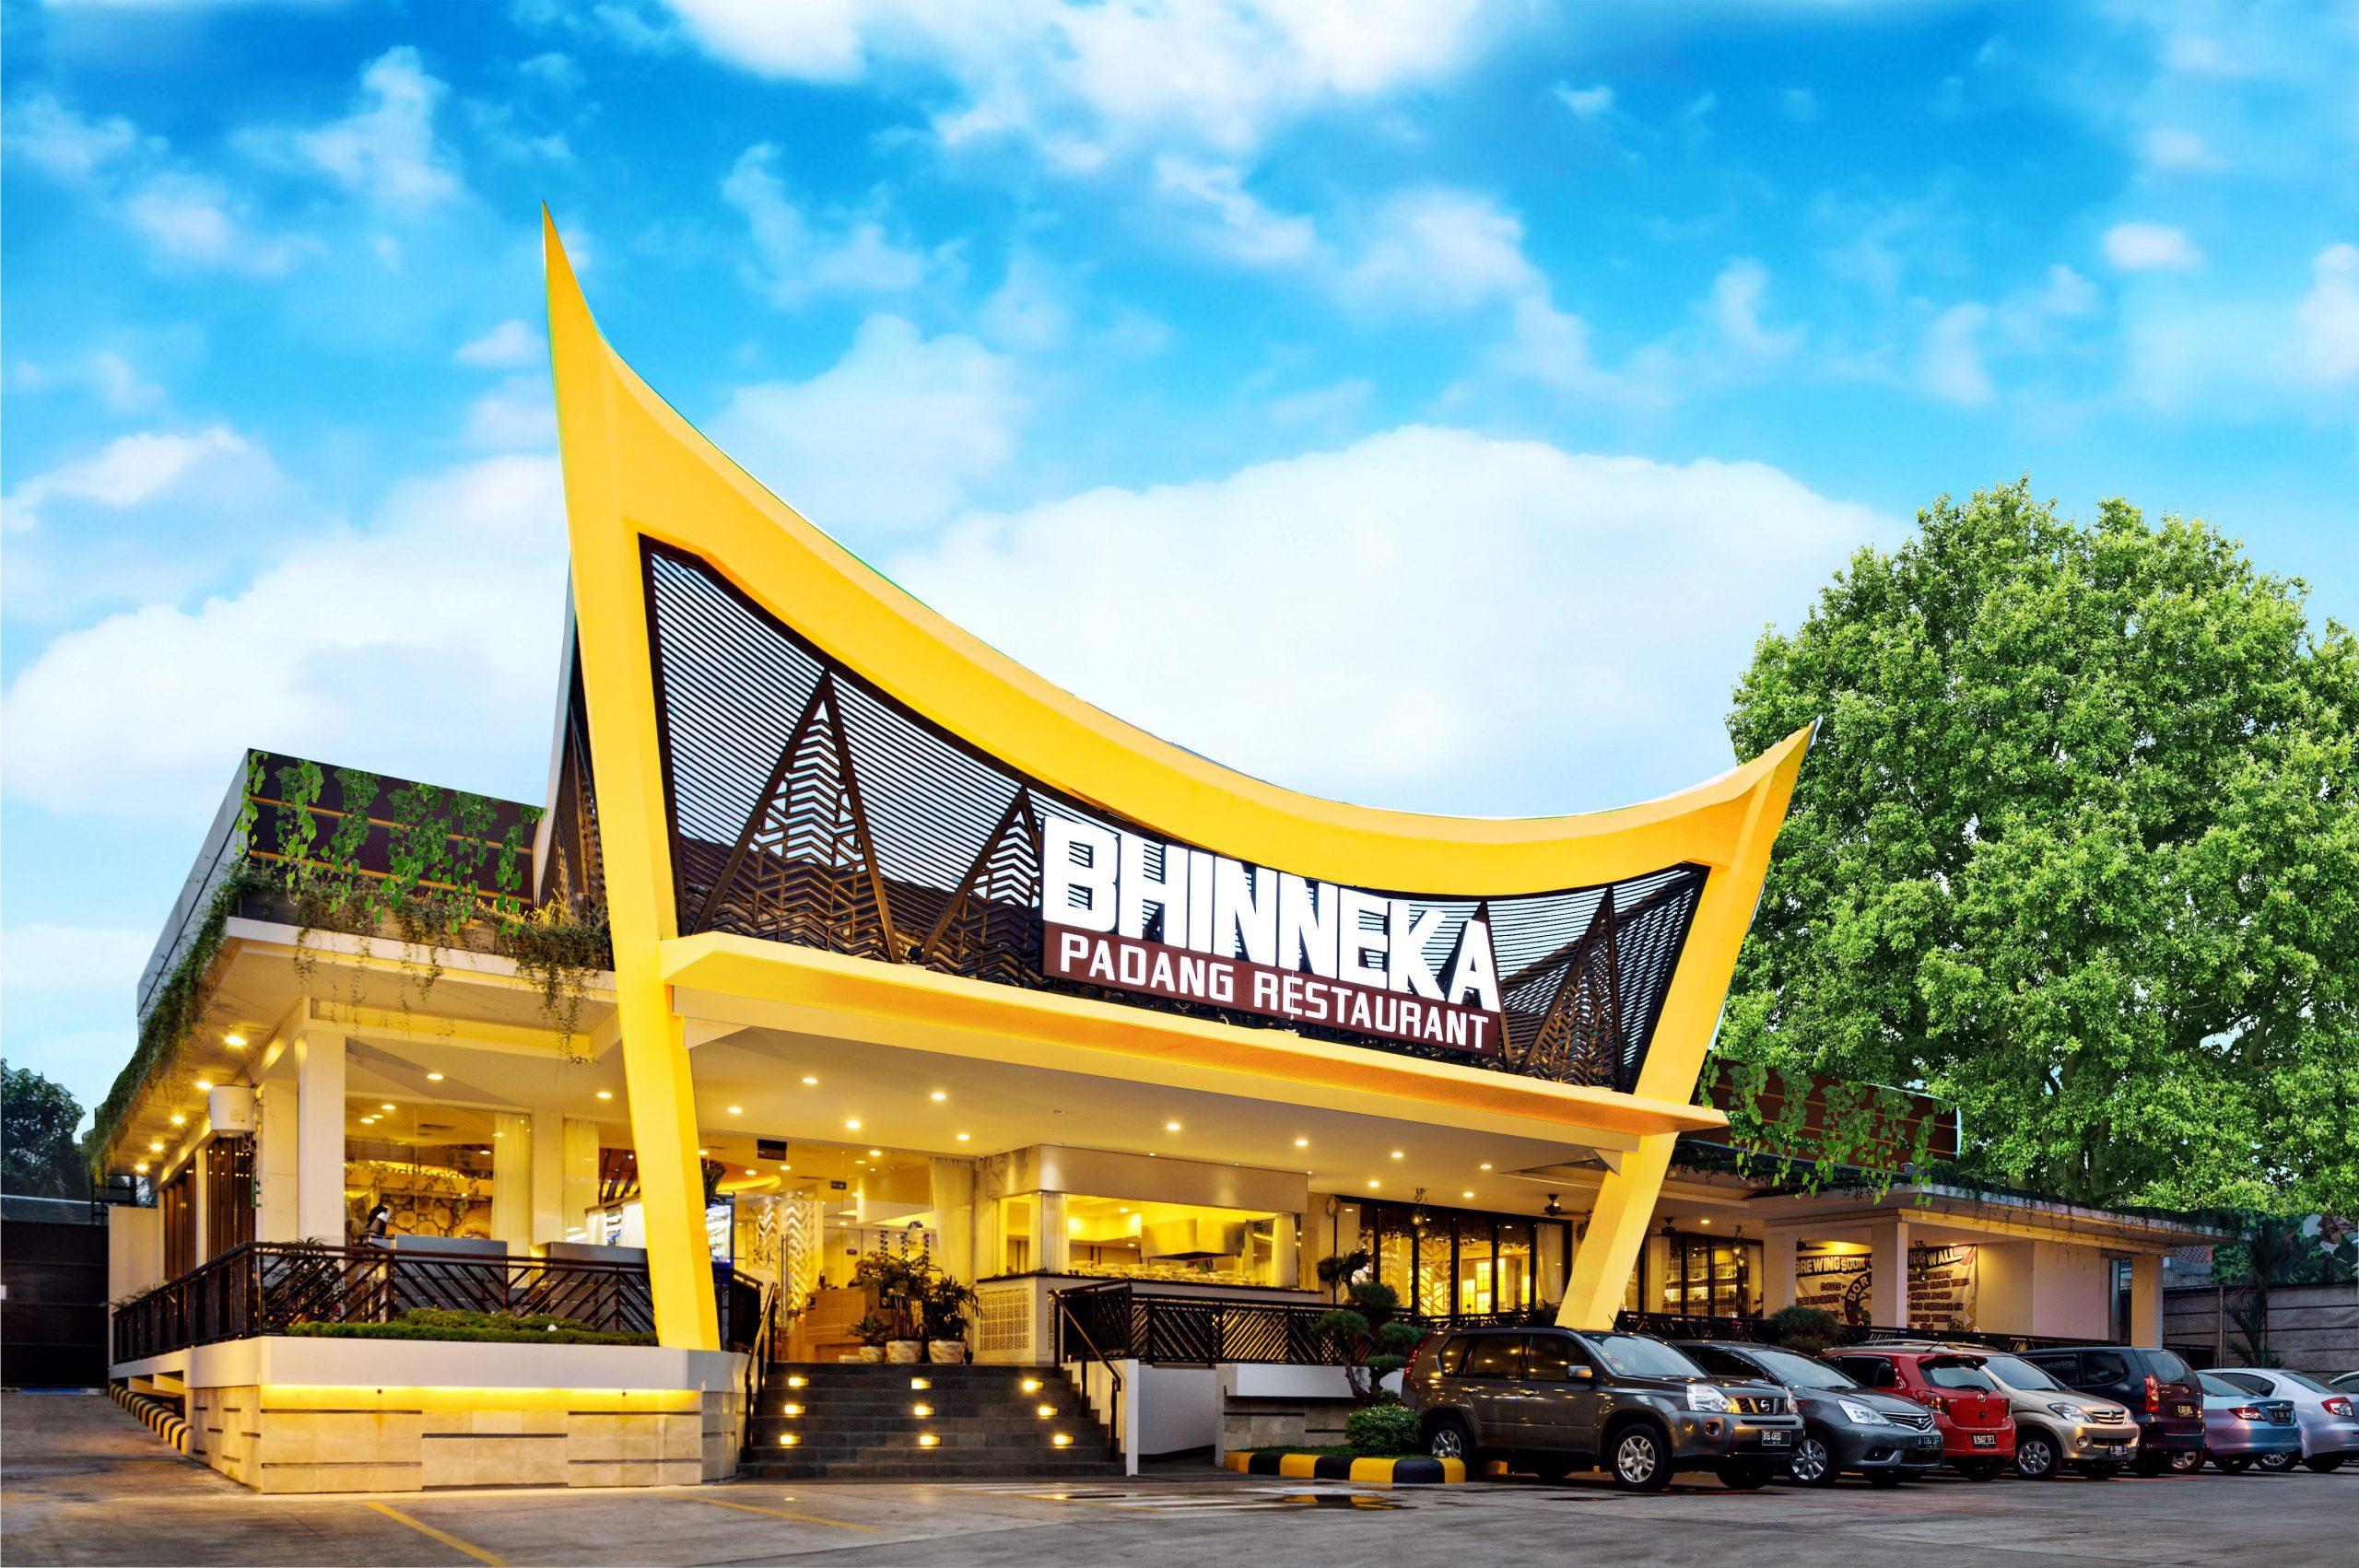 Rekomendasi Restoran Padang di Tangerang